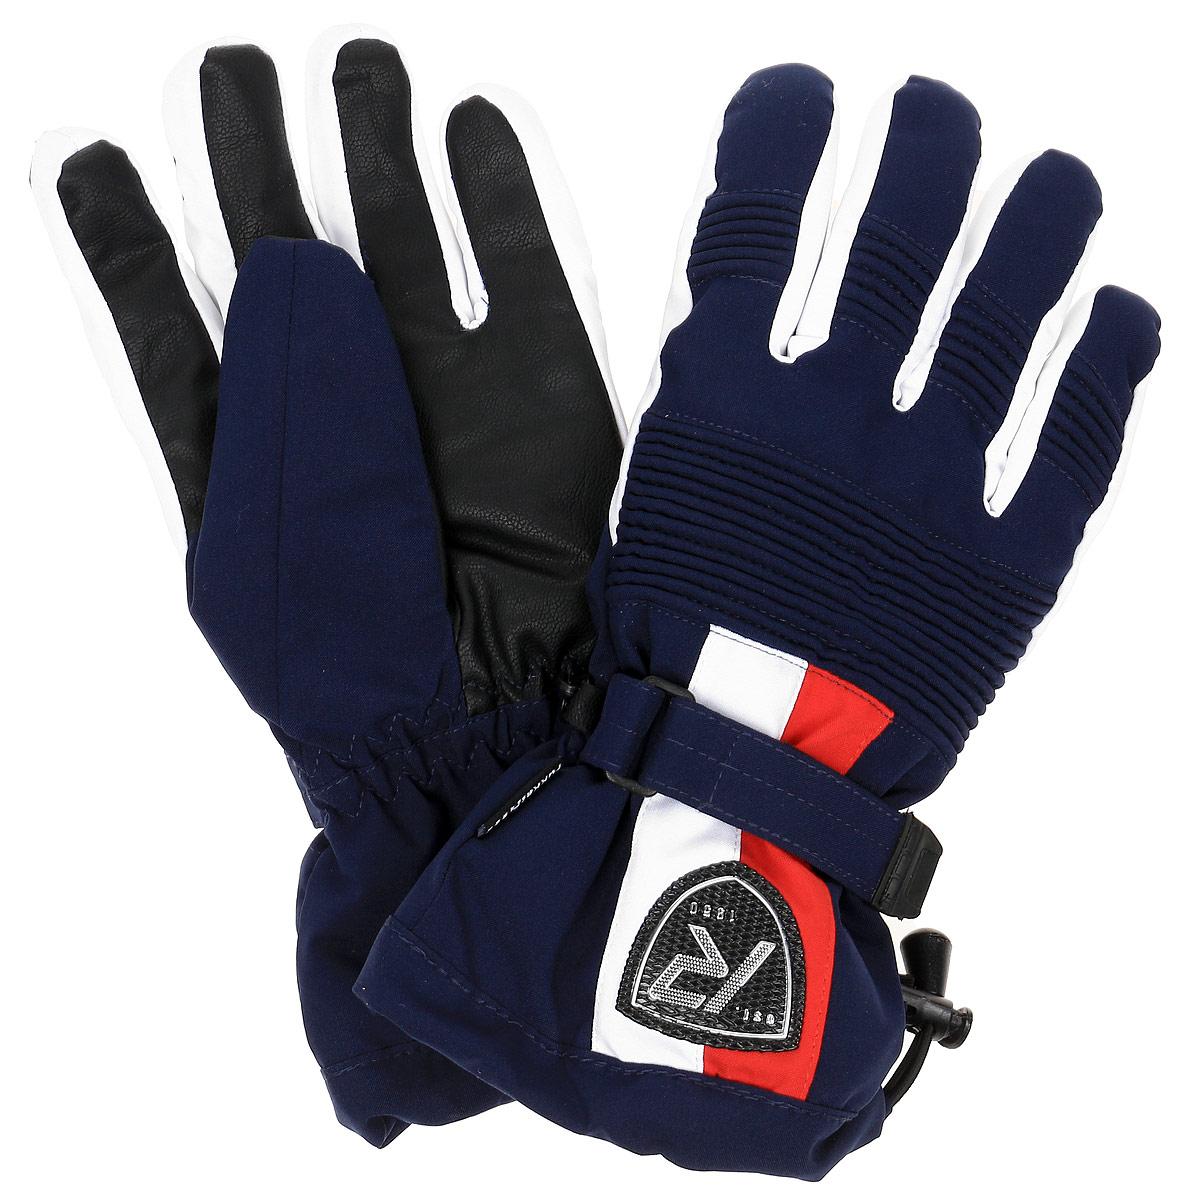 Перчатки мужские Rukka, цвет: черный. 870760241RV-999. Размер L (10/10,5)870760241RV-999Мужские теплые перчатки от Rukka выполнены из высококачественно водонепроницаемого материала. На запястье дополнены ремешком на липучке.